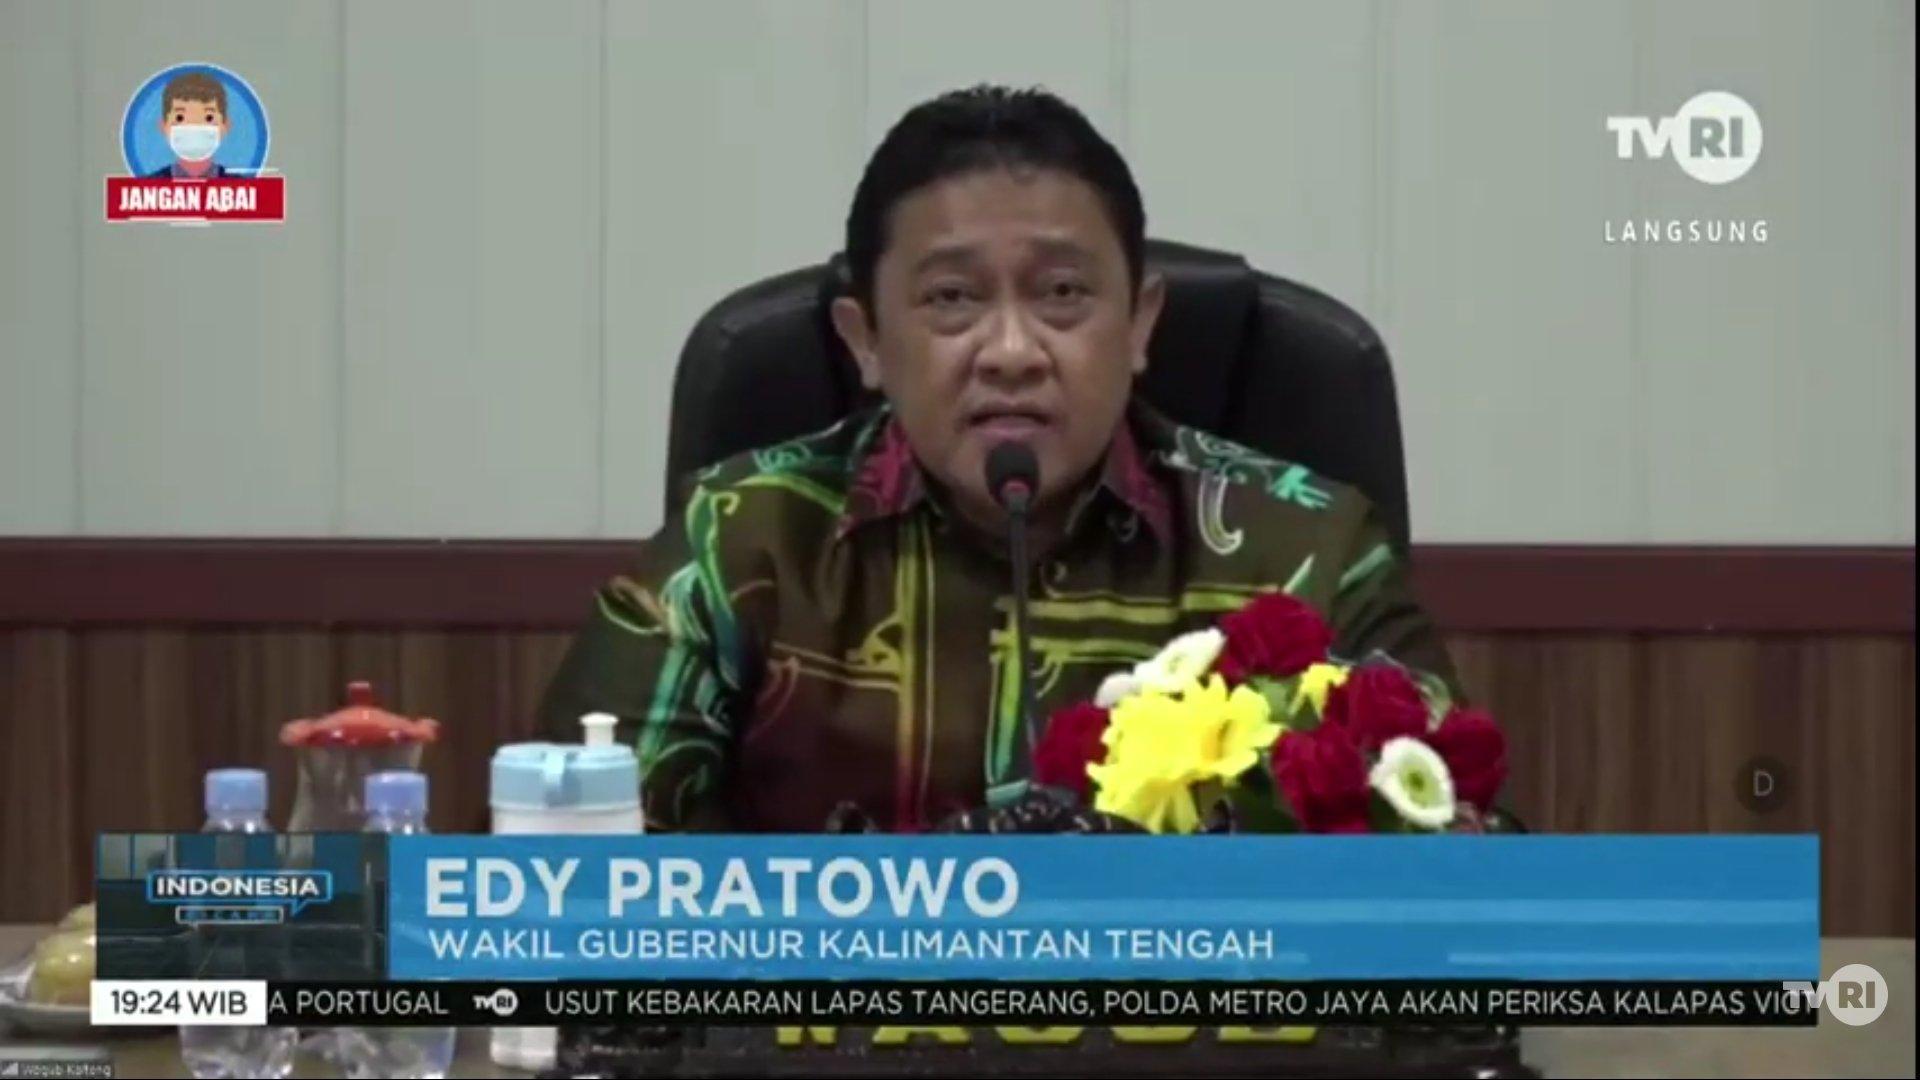 Upaya Penanganan Dilakukan Masif, Kalimantan Tengah Alami Penurunan Kasus Positif COVID-19 dalam 2 Pekan Terakhir